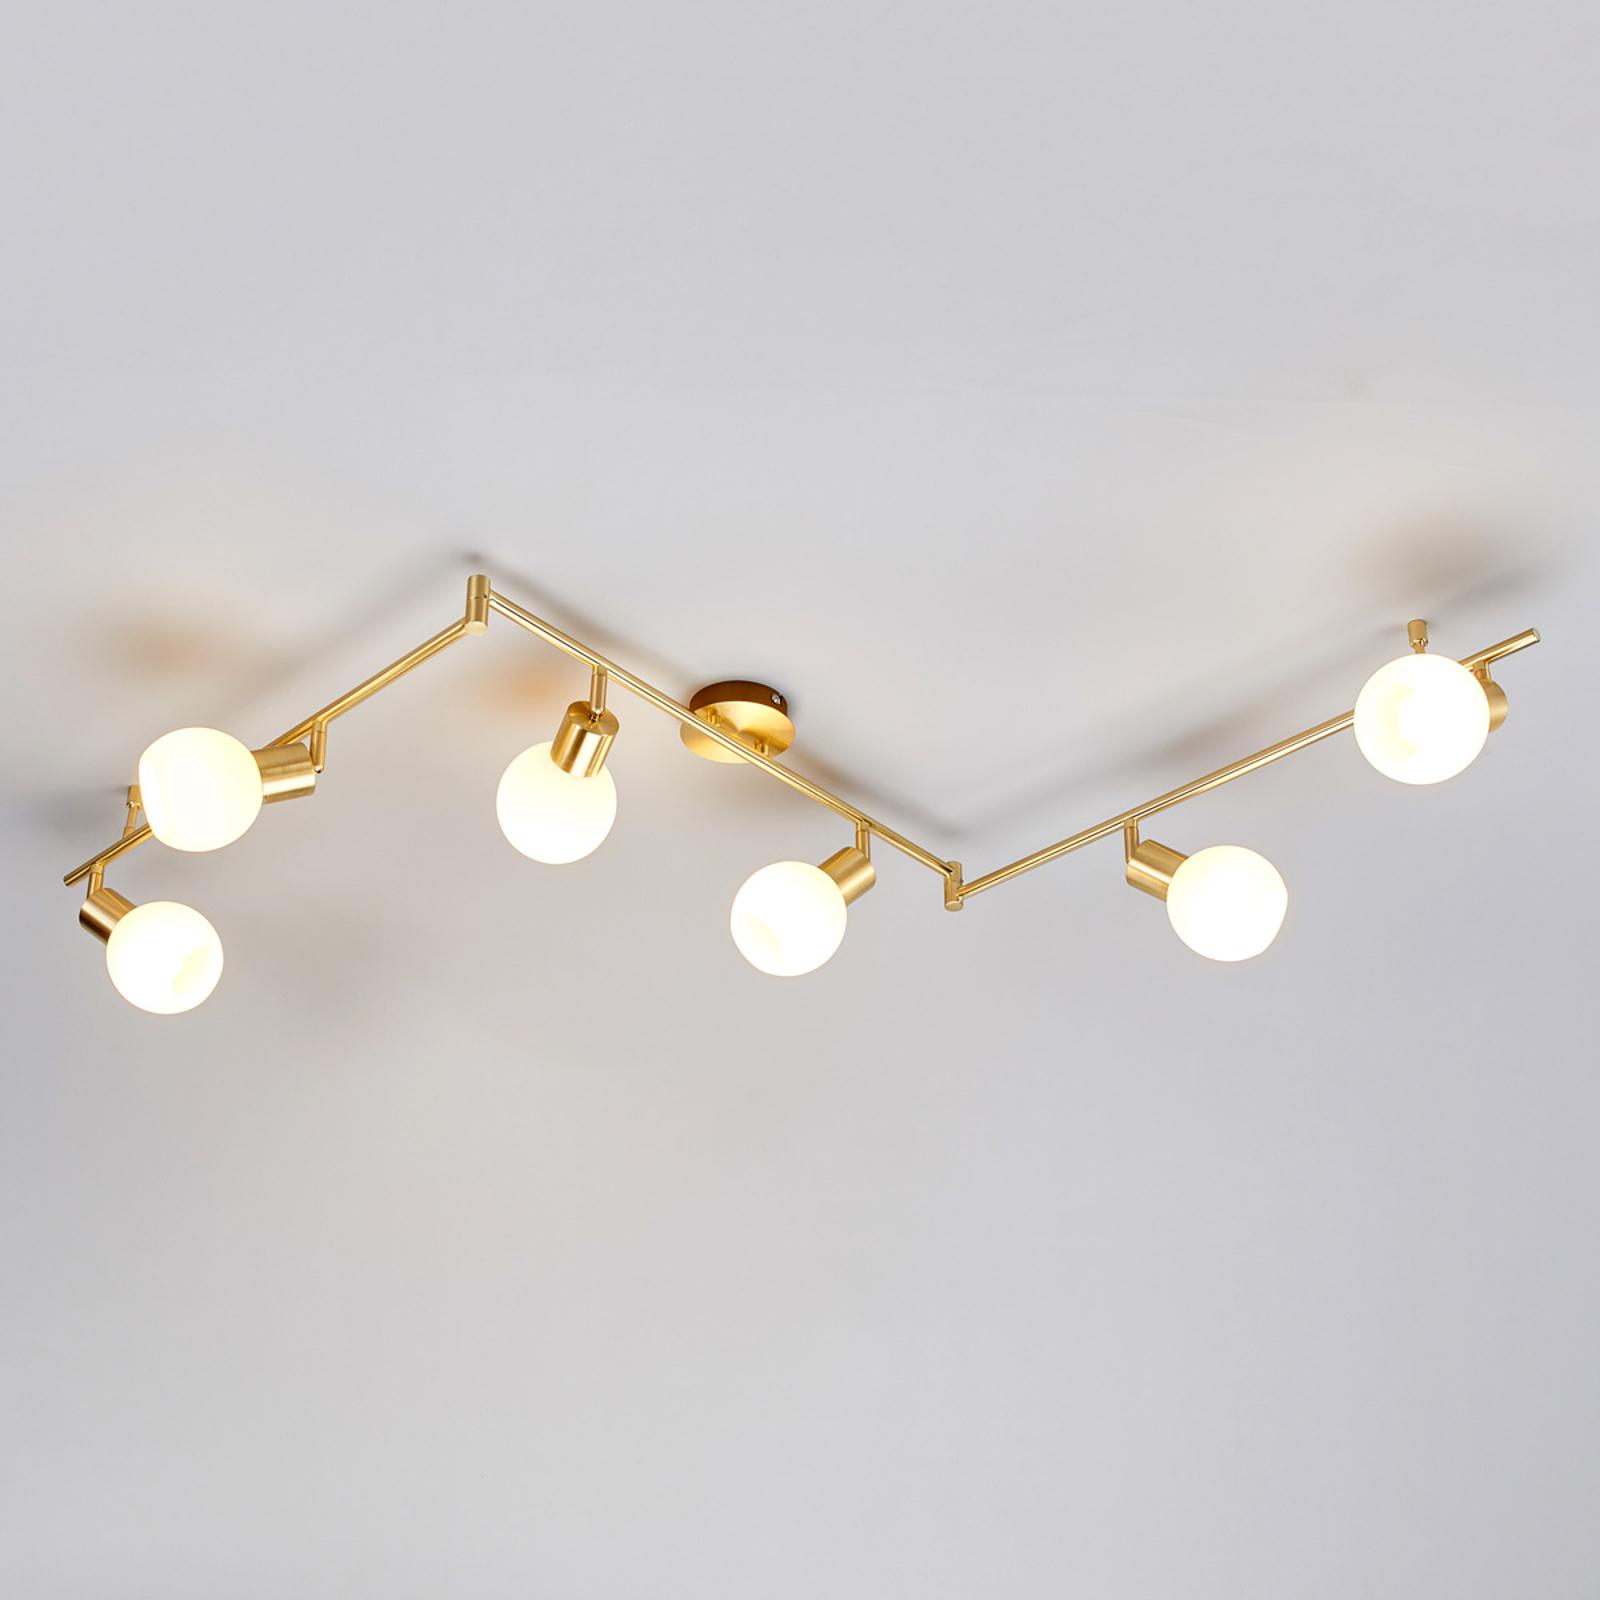 LED-taklampa Elaina i mässing, 6 ljuskällor